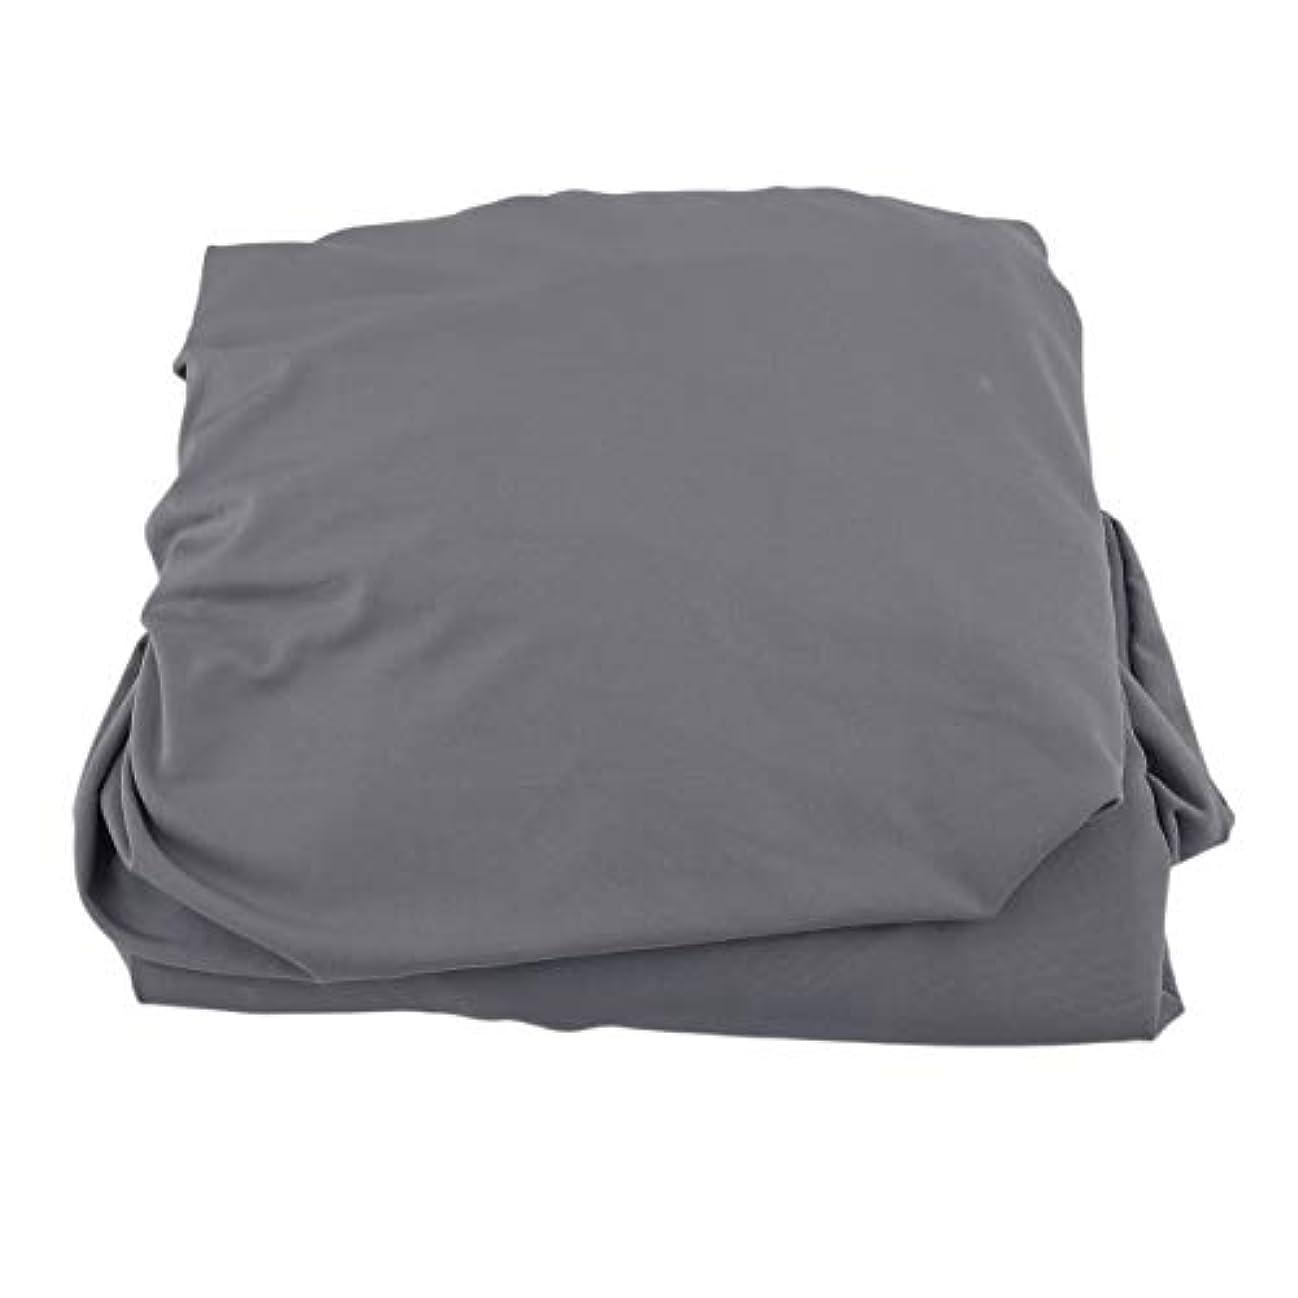 水を飲む記者一時的Saikogoods 弾性ポリエステルソファカバーピュアカラーストレッチ本のカバー柔軟な椅子Dustcoat耐久性のあるソファーカバー家具の布 グレー